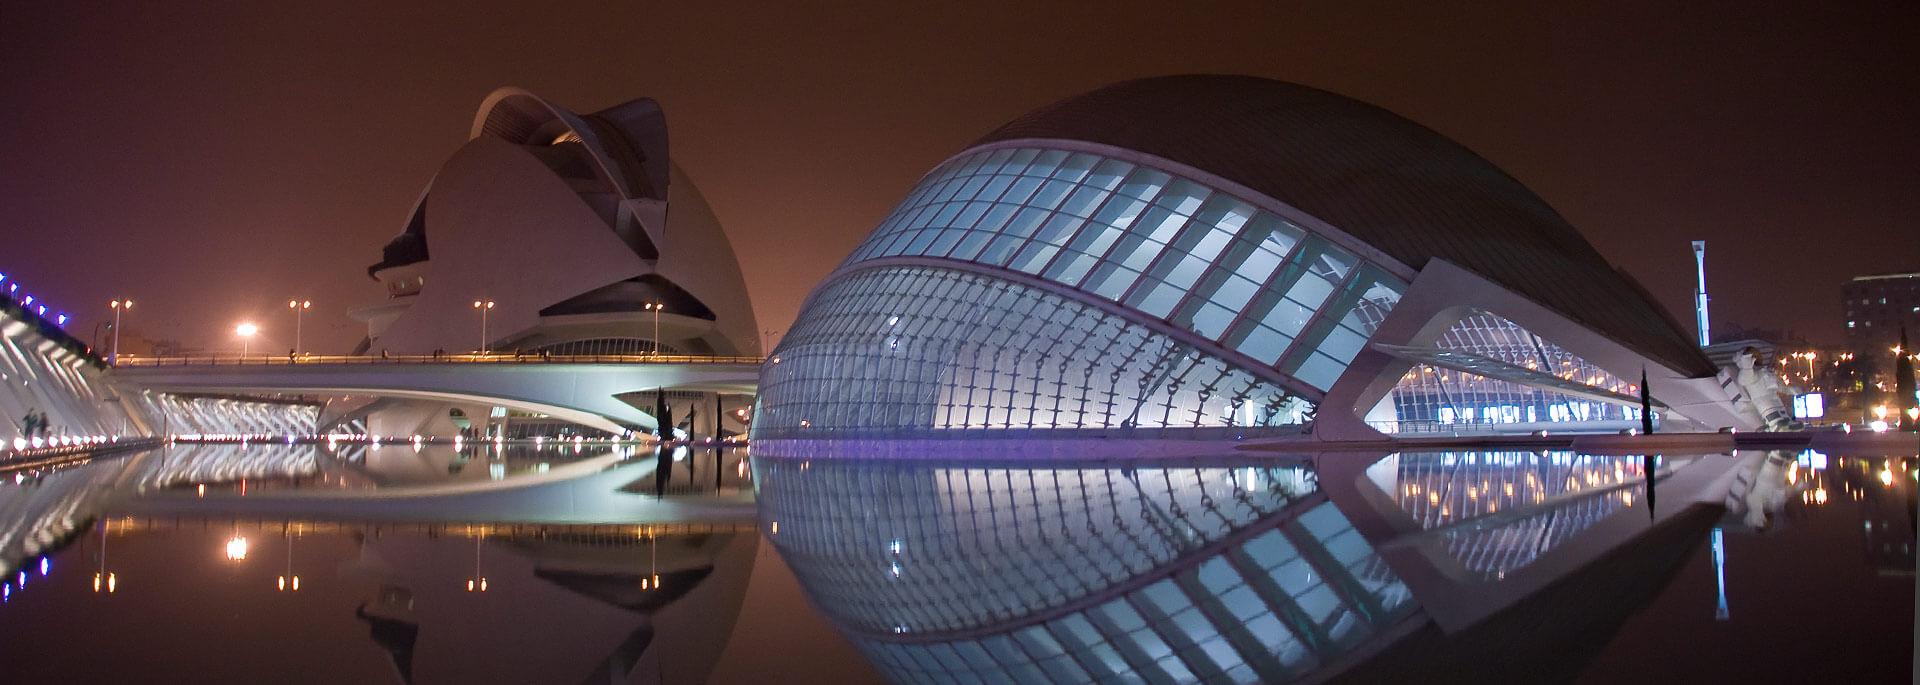 Fotos: Valencia - Stadt der Wissenschaft und Künste